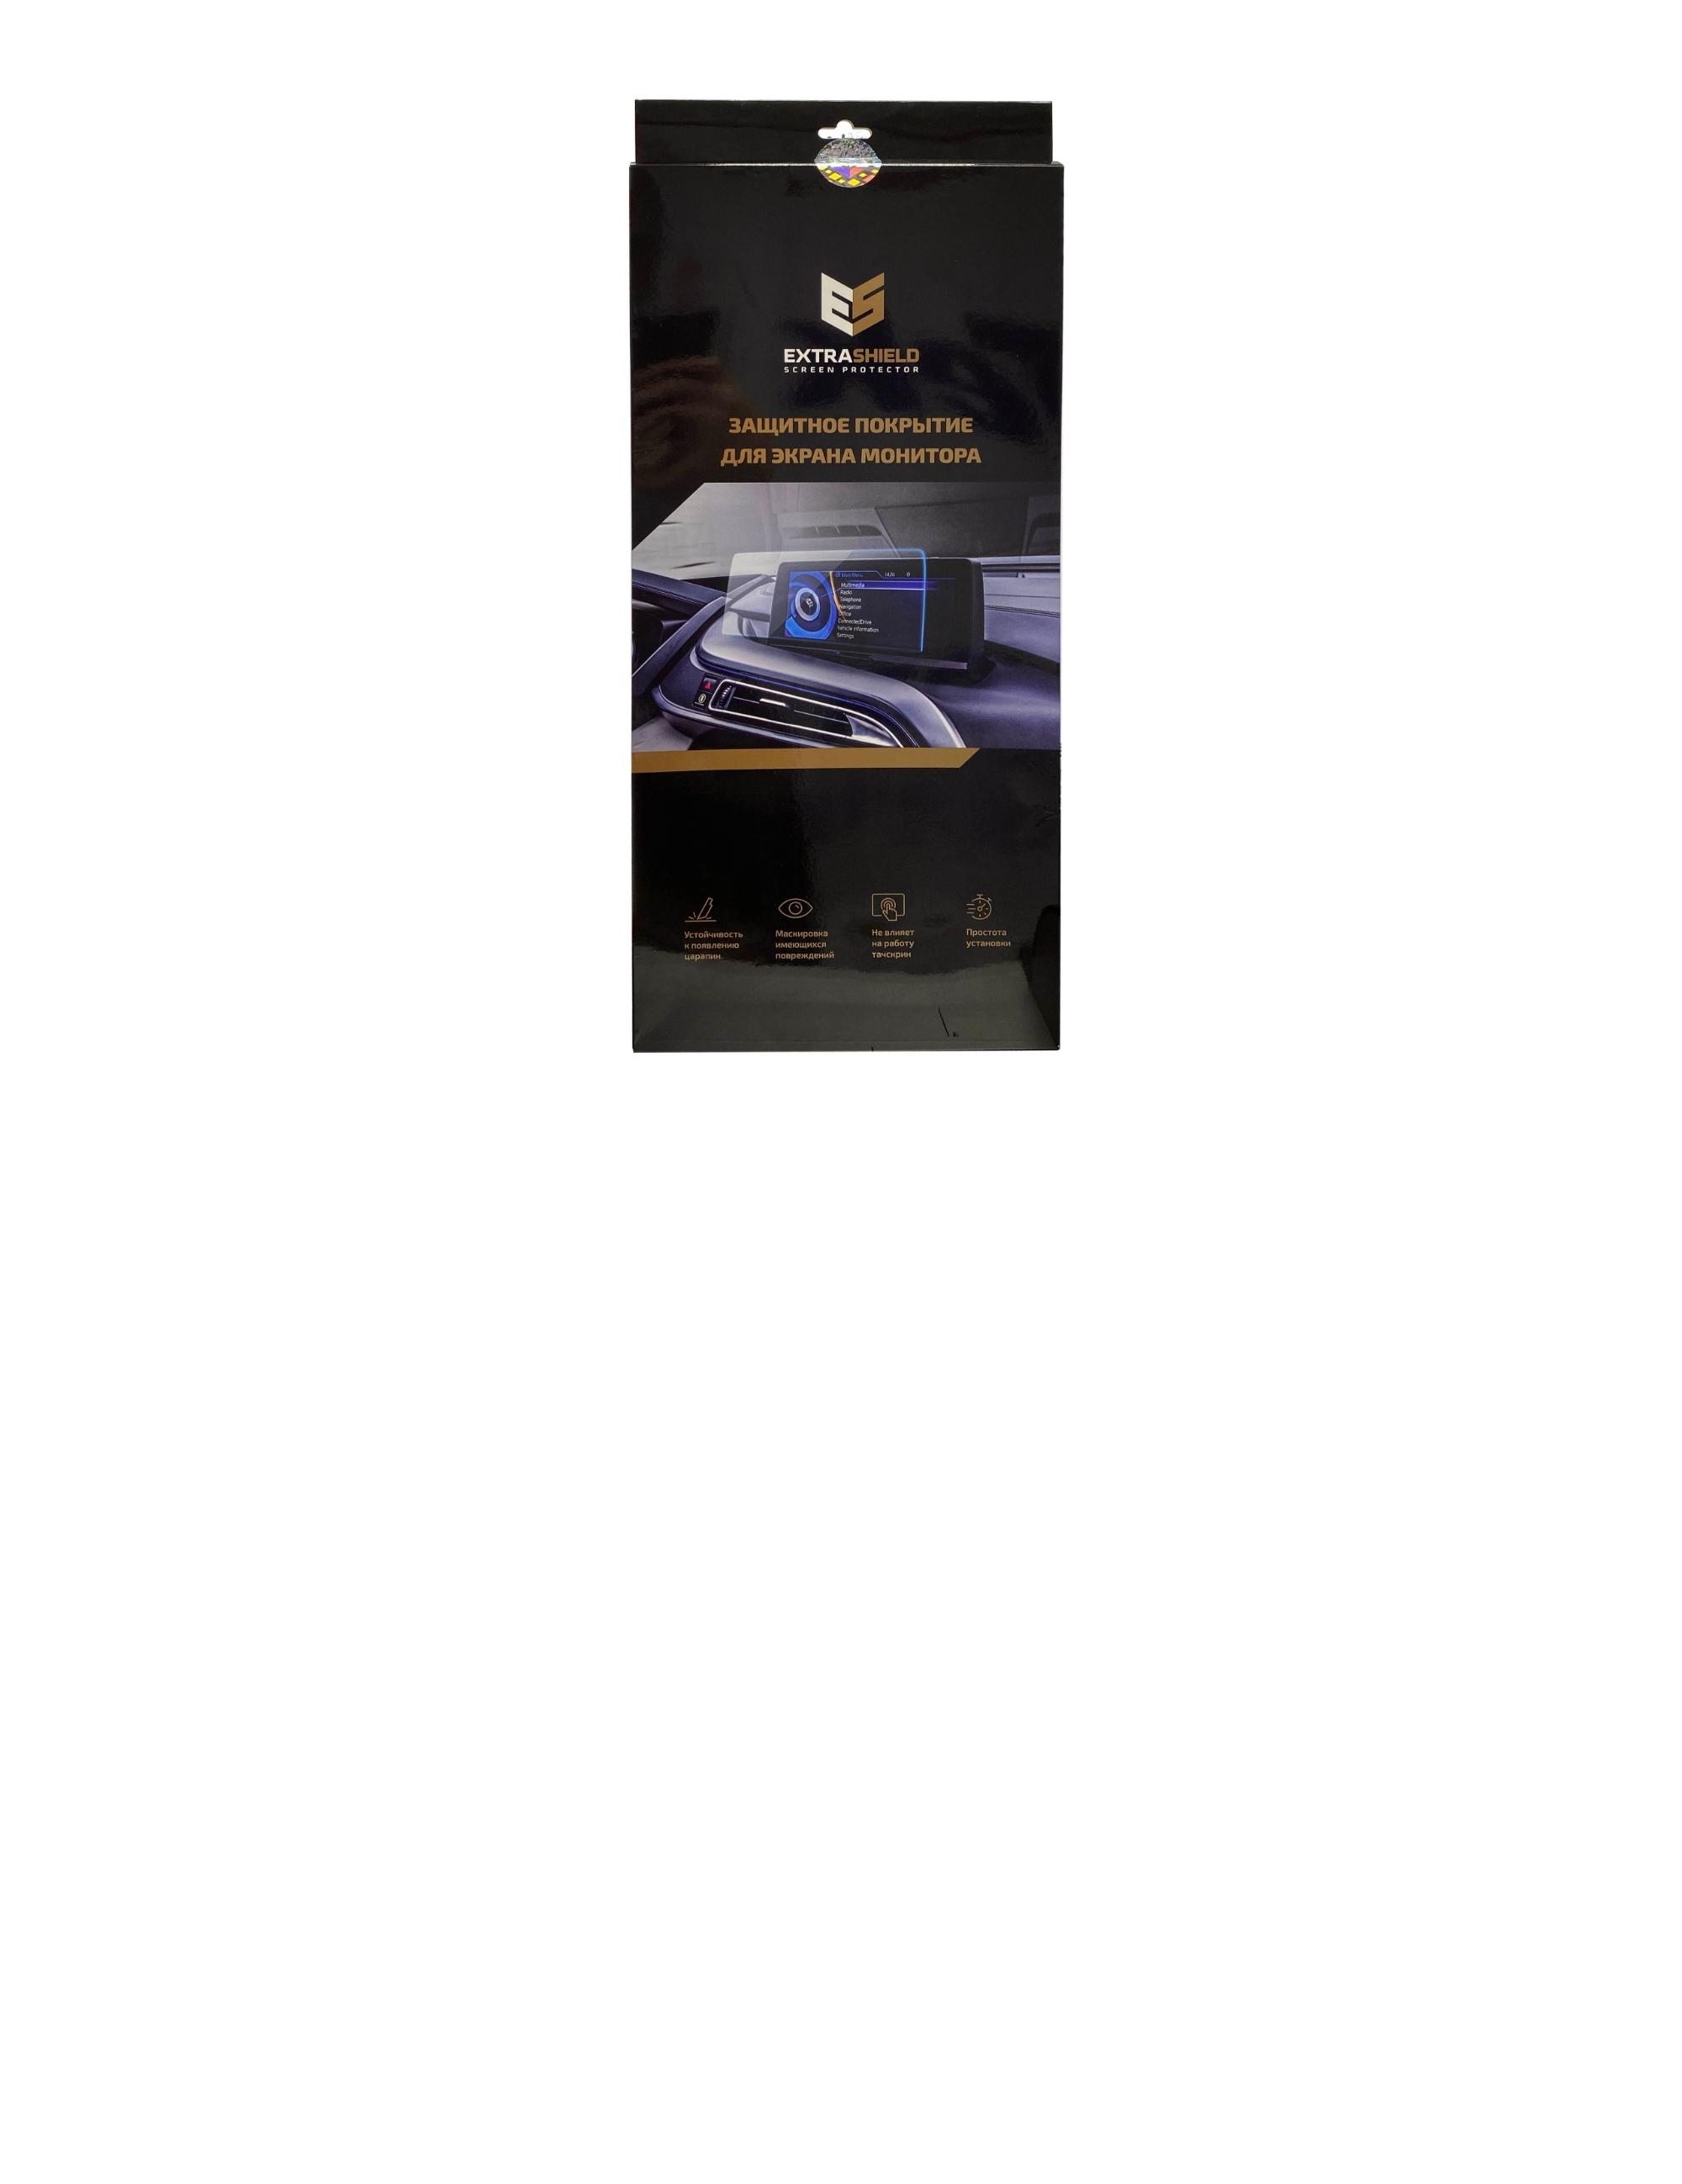 BMW X7 (G07) 2018 - н.в. мультимедиа 12.3 Защитное стекло Глянец